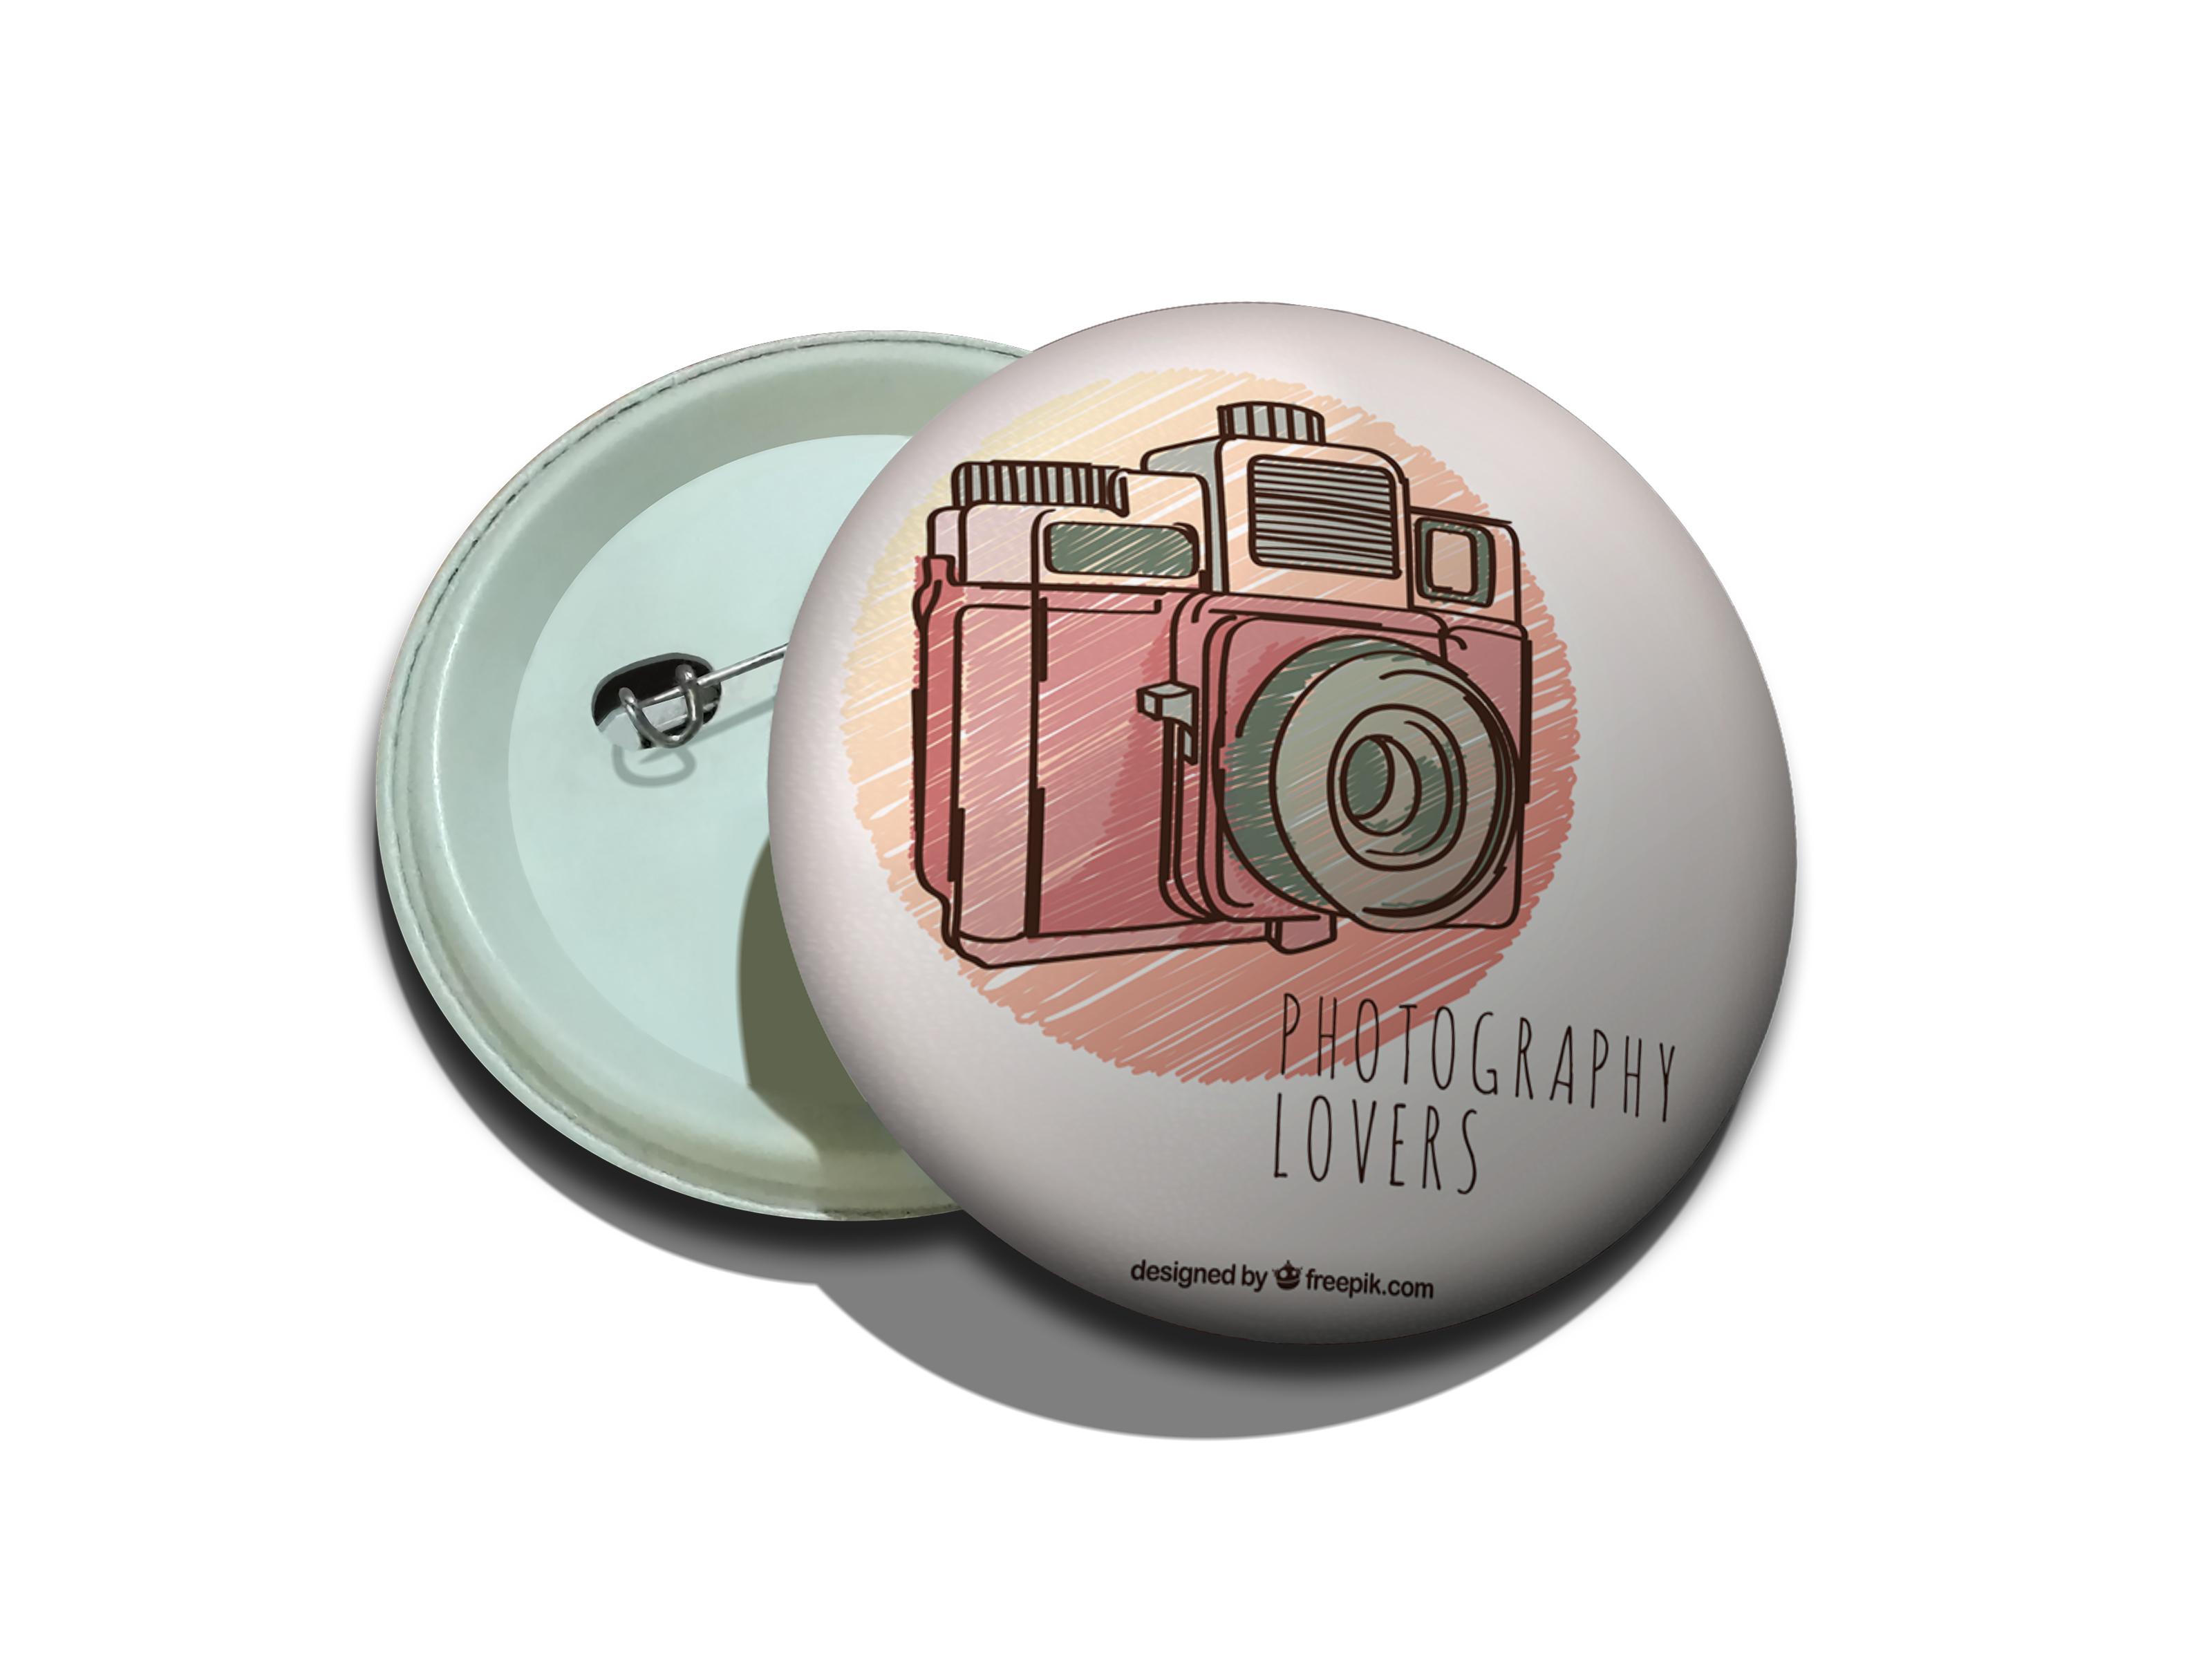 پیکسل سوزنی طرح عکاسی Photography Lovers